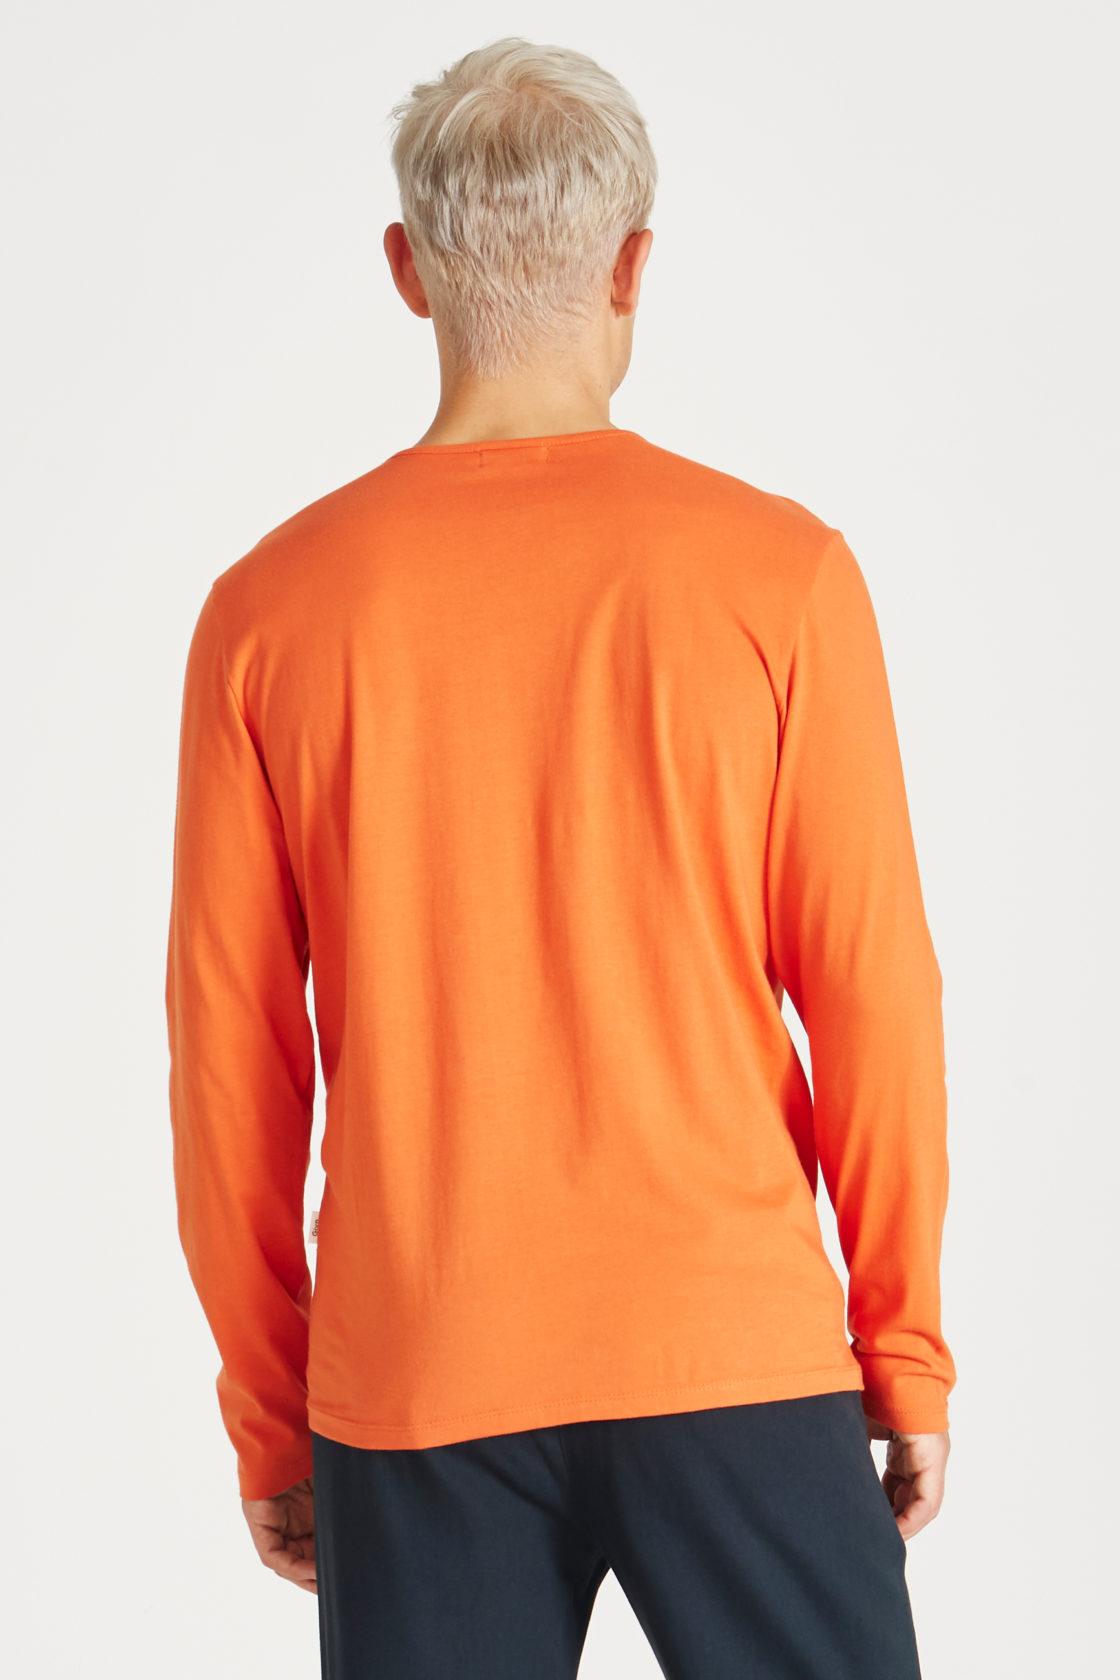 Givn Longsleeve Reuben Orange 2